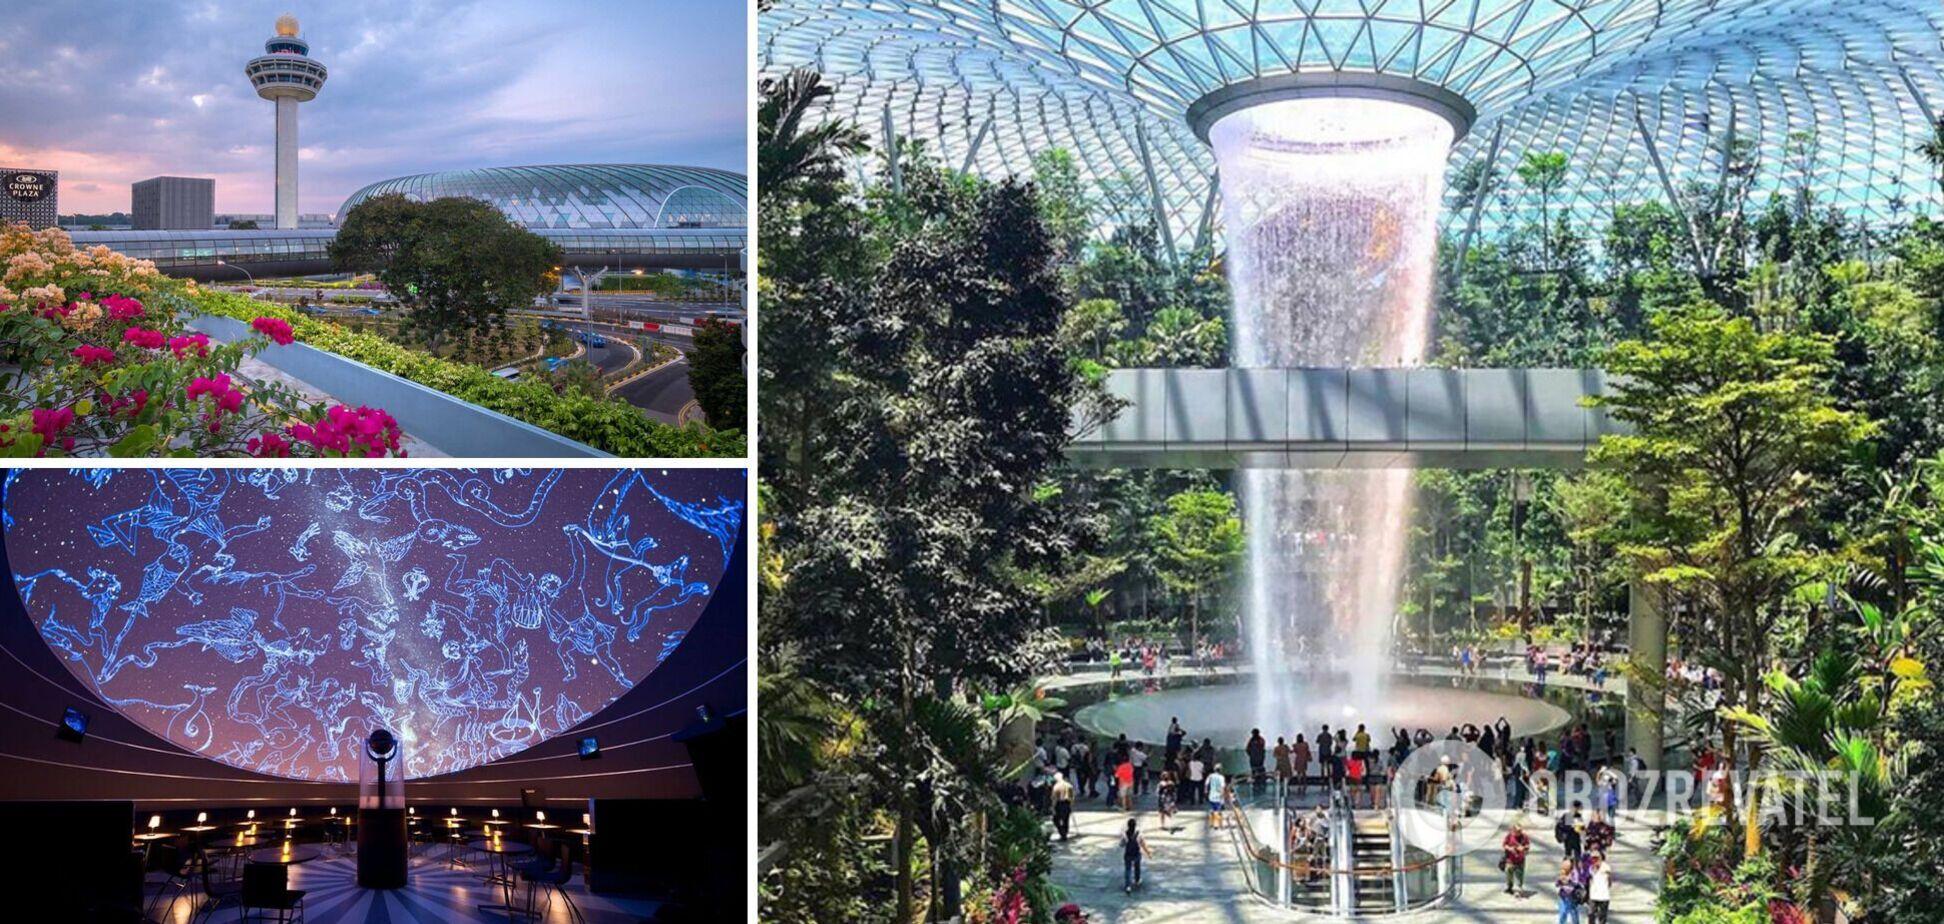 Будівельники спроєктували водоспад, оглядовий майданчик і планетарій в аеропортах